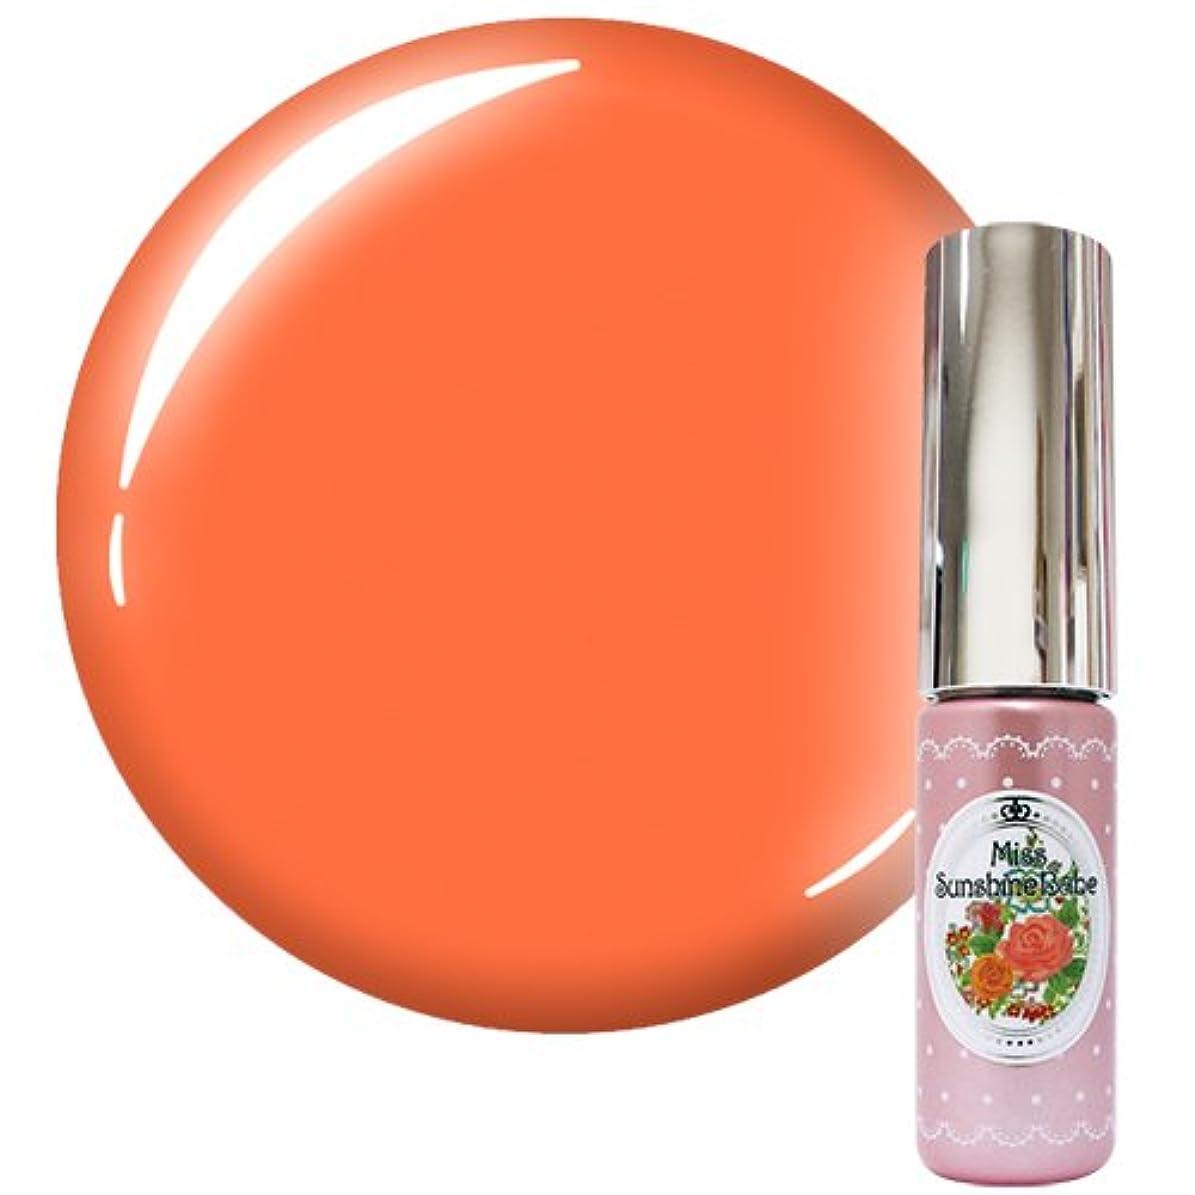 笑い野心動脈Miss SunshineBabe ミス サンシャインベビー カラージェル MC-33 5g サマーパステルオレンジ